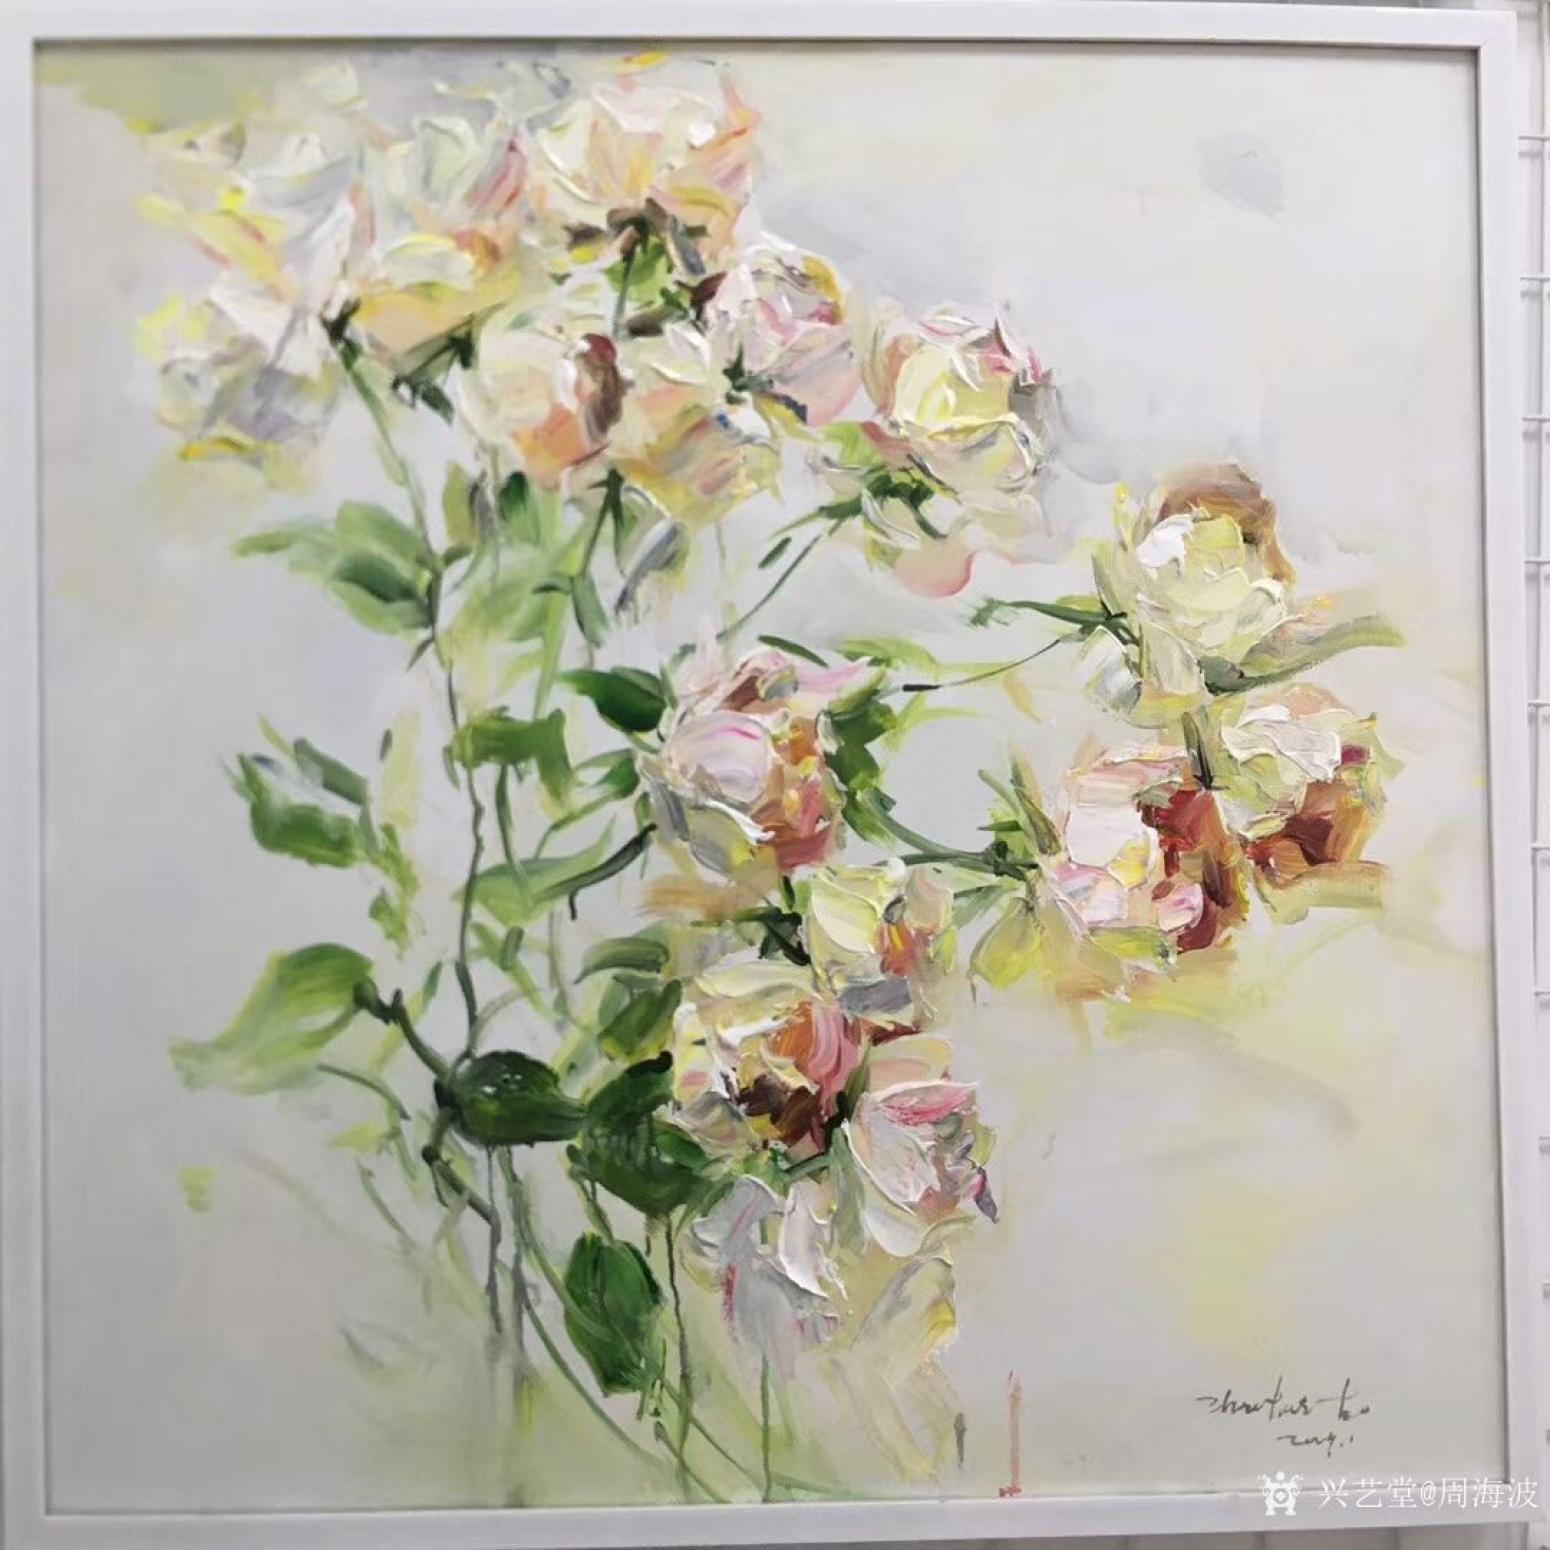 周海波油画作品《北欧风格花卉2》